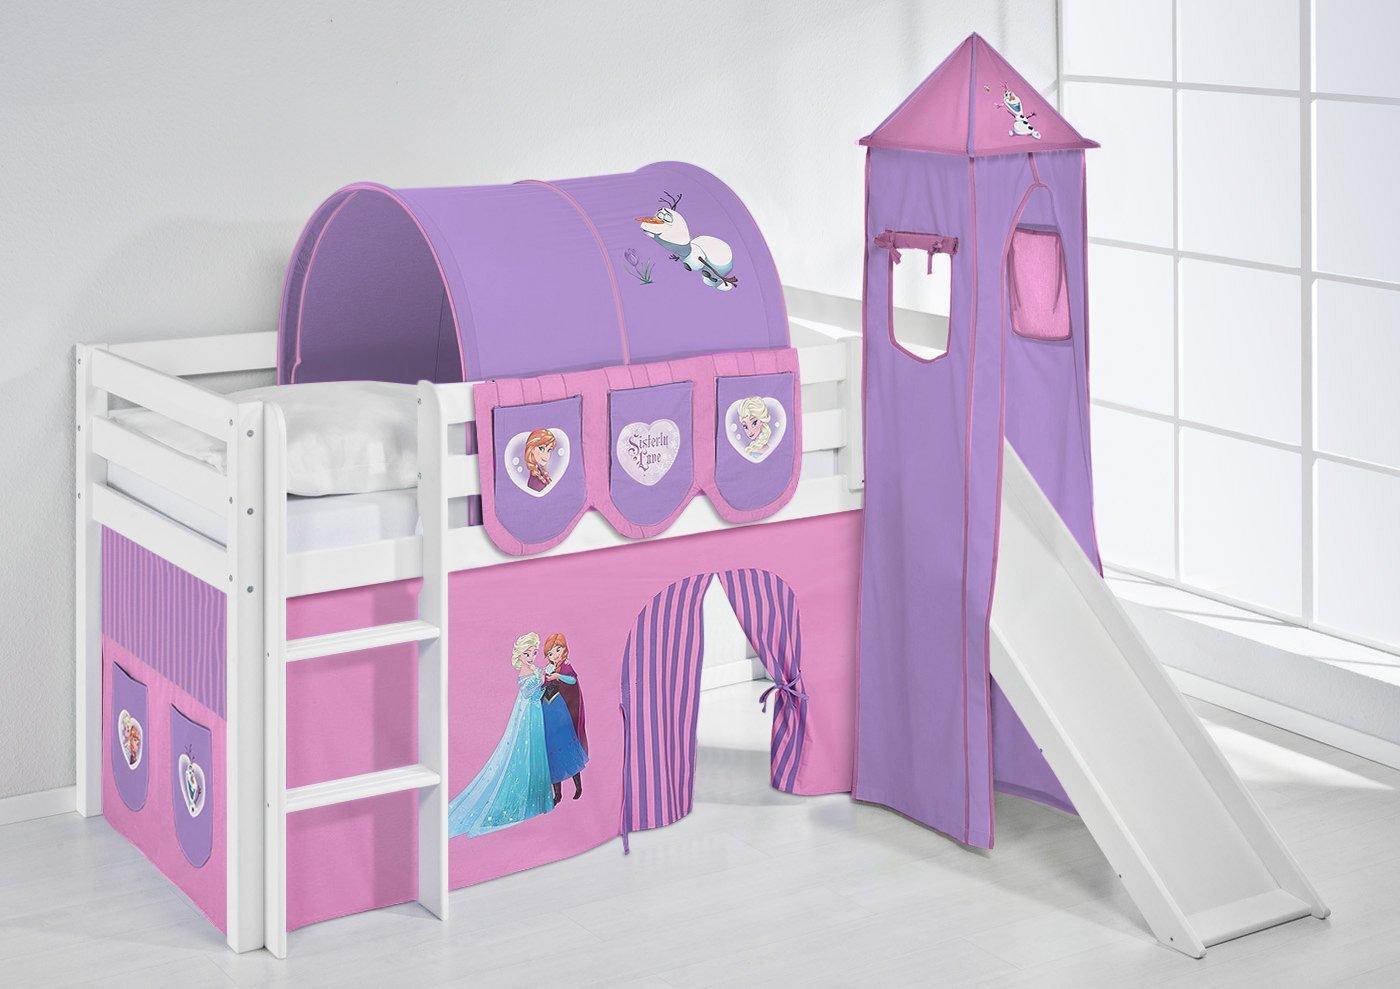 Faszinierend Kinderbett Mit Rutsche Dekoration Von Lilokids Spielbett Jelle Eiskönigin, Hochbett Turm, Und